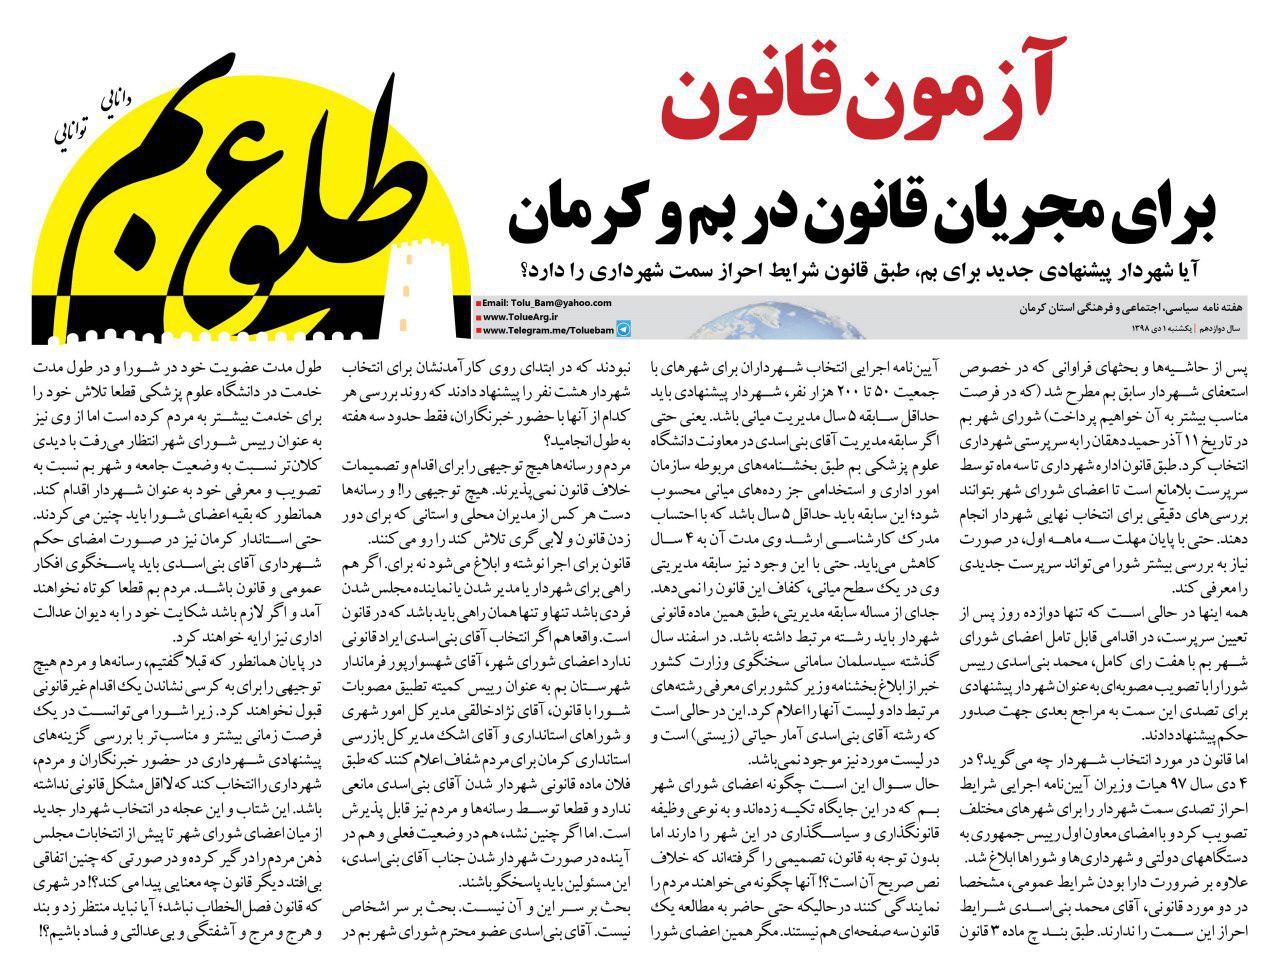 آزمون قانون برای مجریان قانون در بم و کرمان